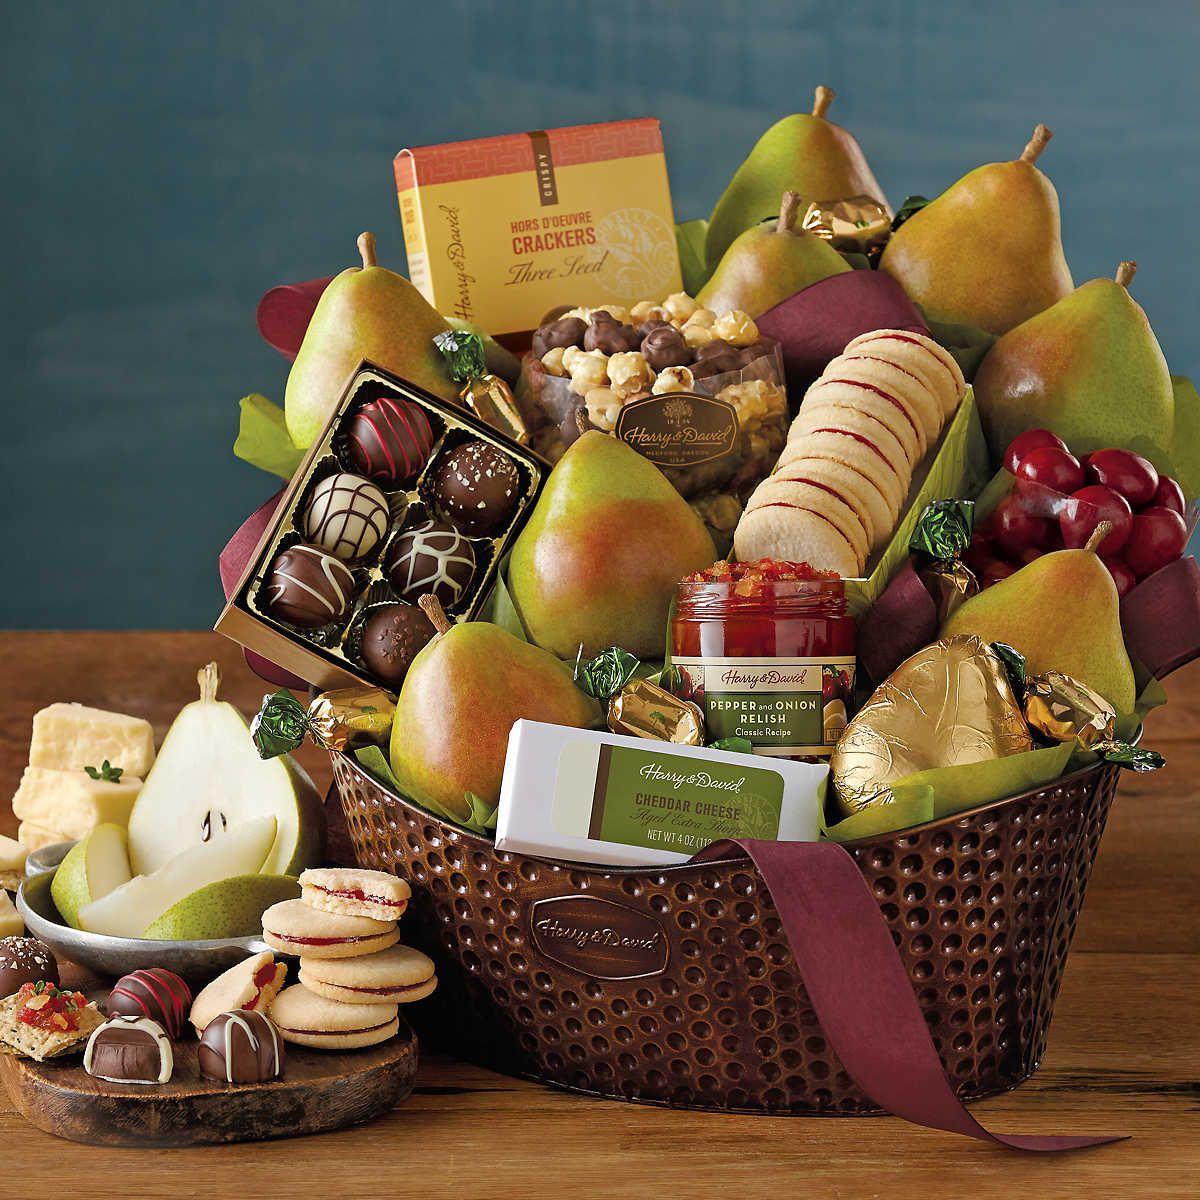 Deluxe Favorites Gift Basket Food gift baskets, Food